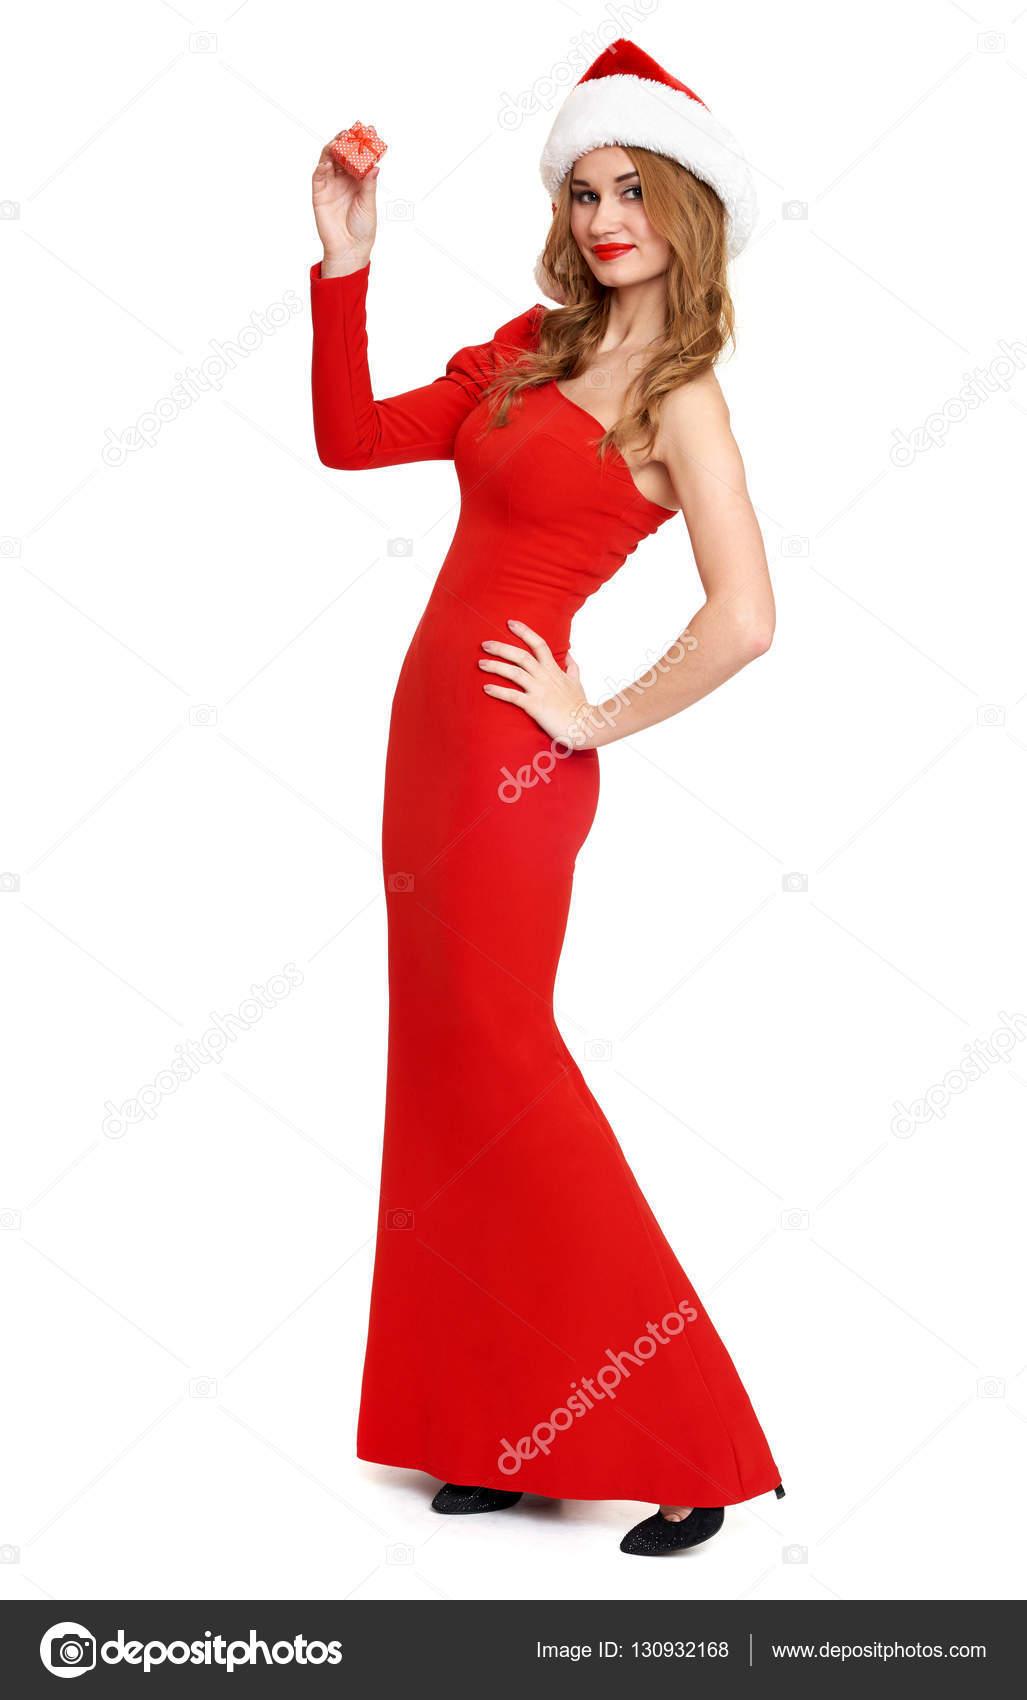 gyönyörű lány piros ruha és elszigetelt fehér background 48ae1a7557